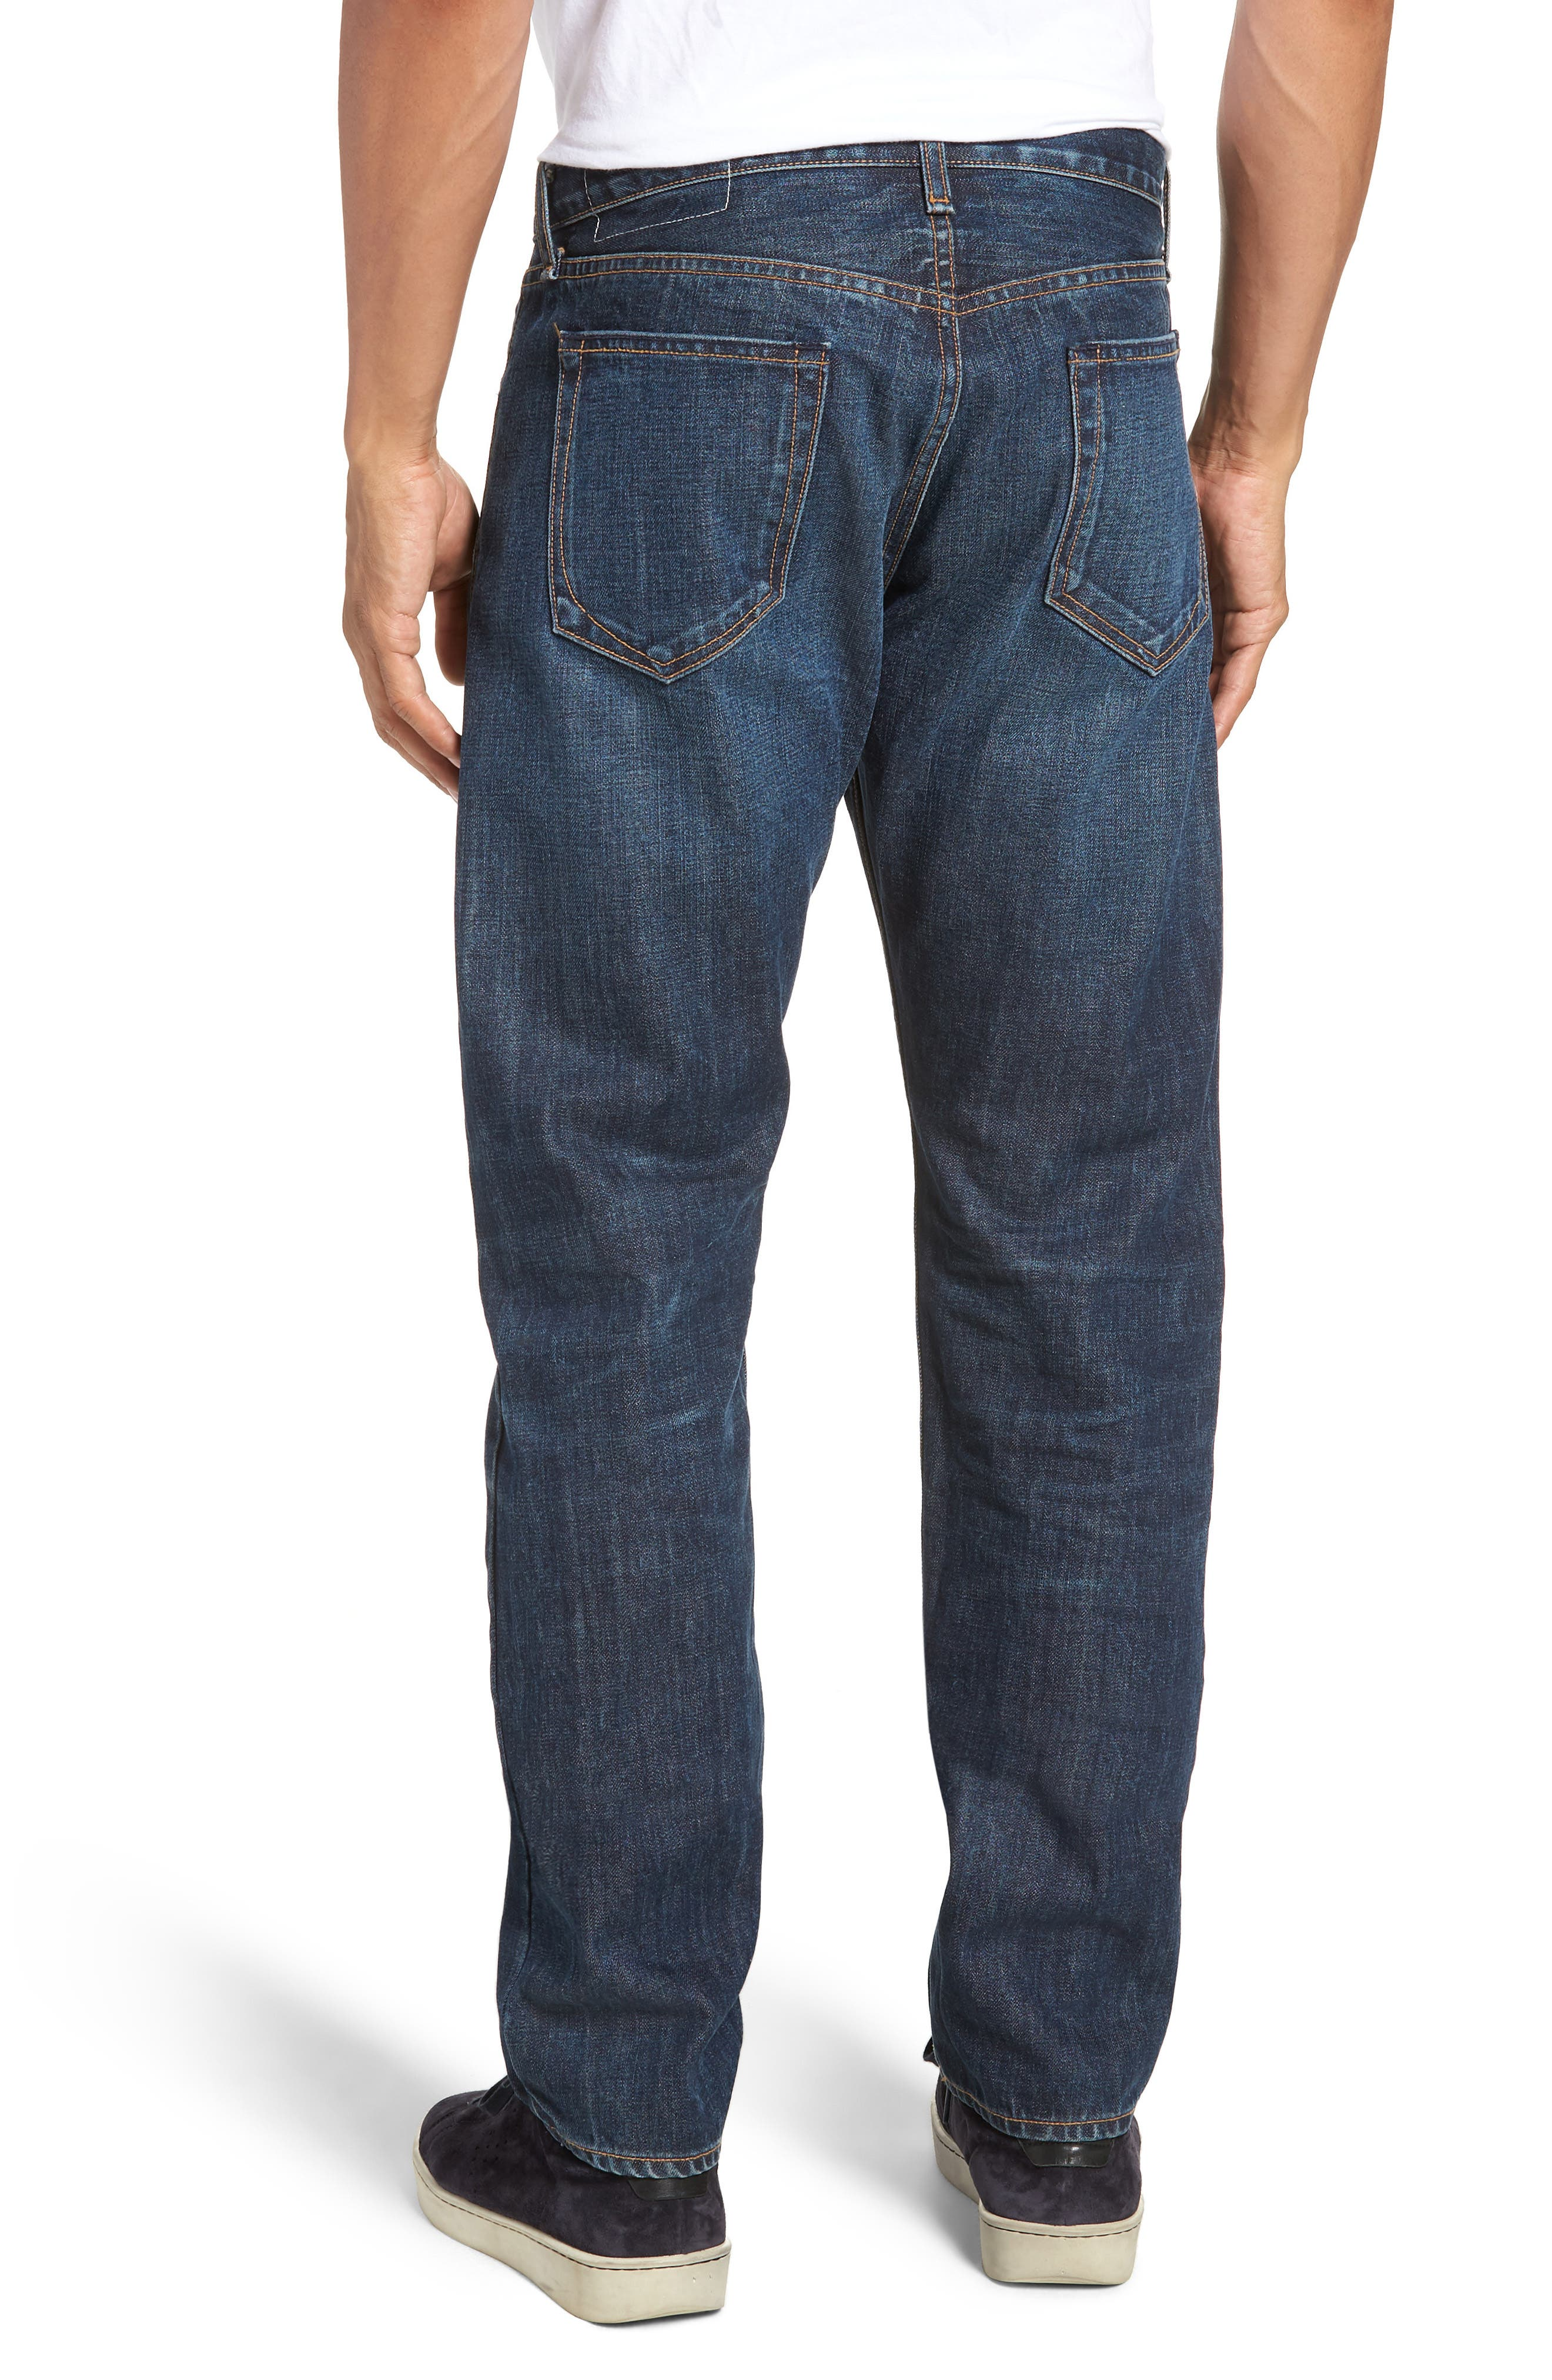 Fit 2 Slim Fit Jeans,                             Alternate thumbnail 2, color,                             GLASTONBURY